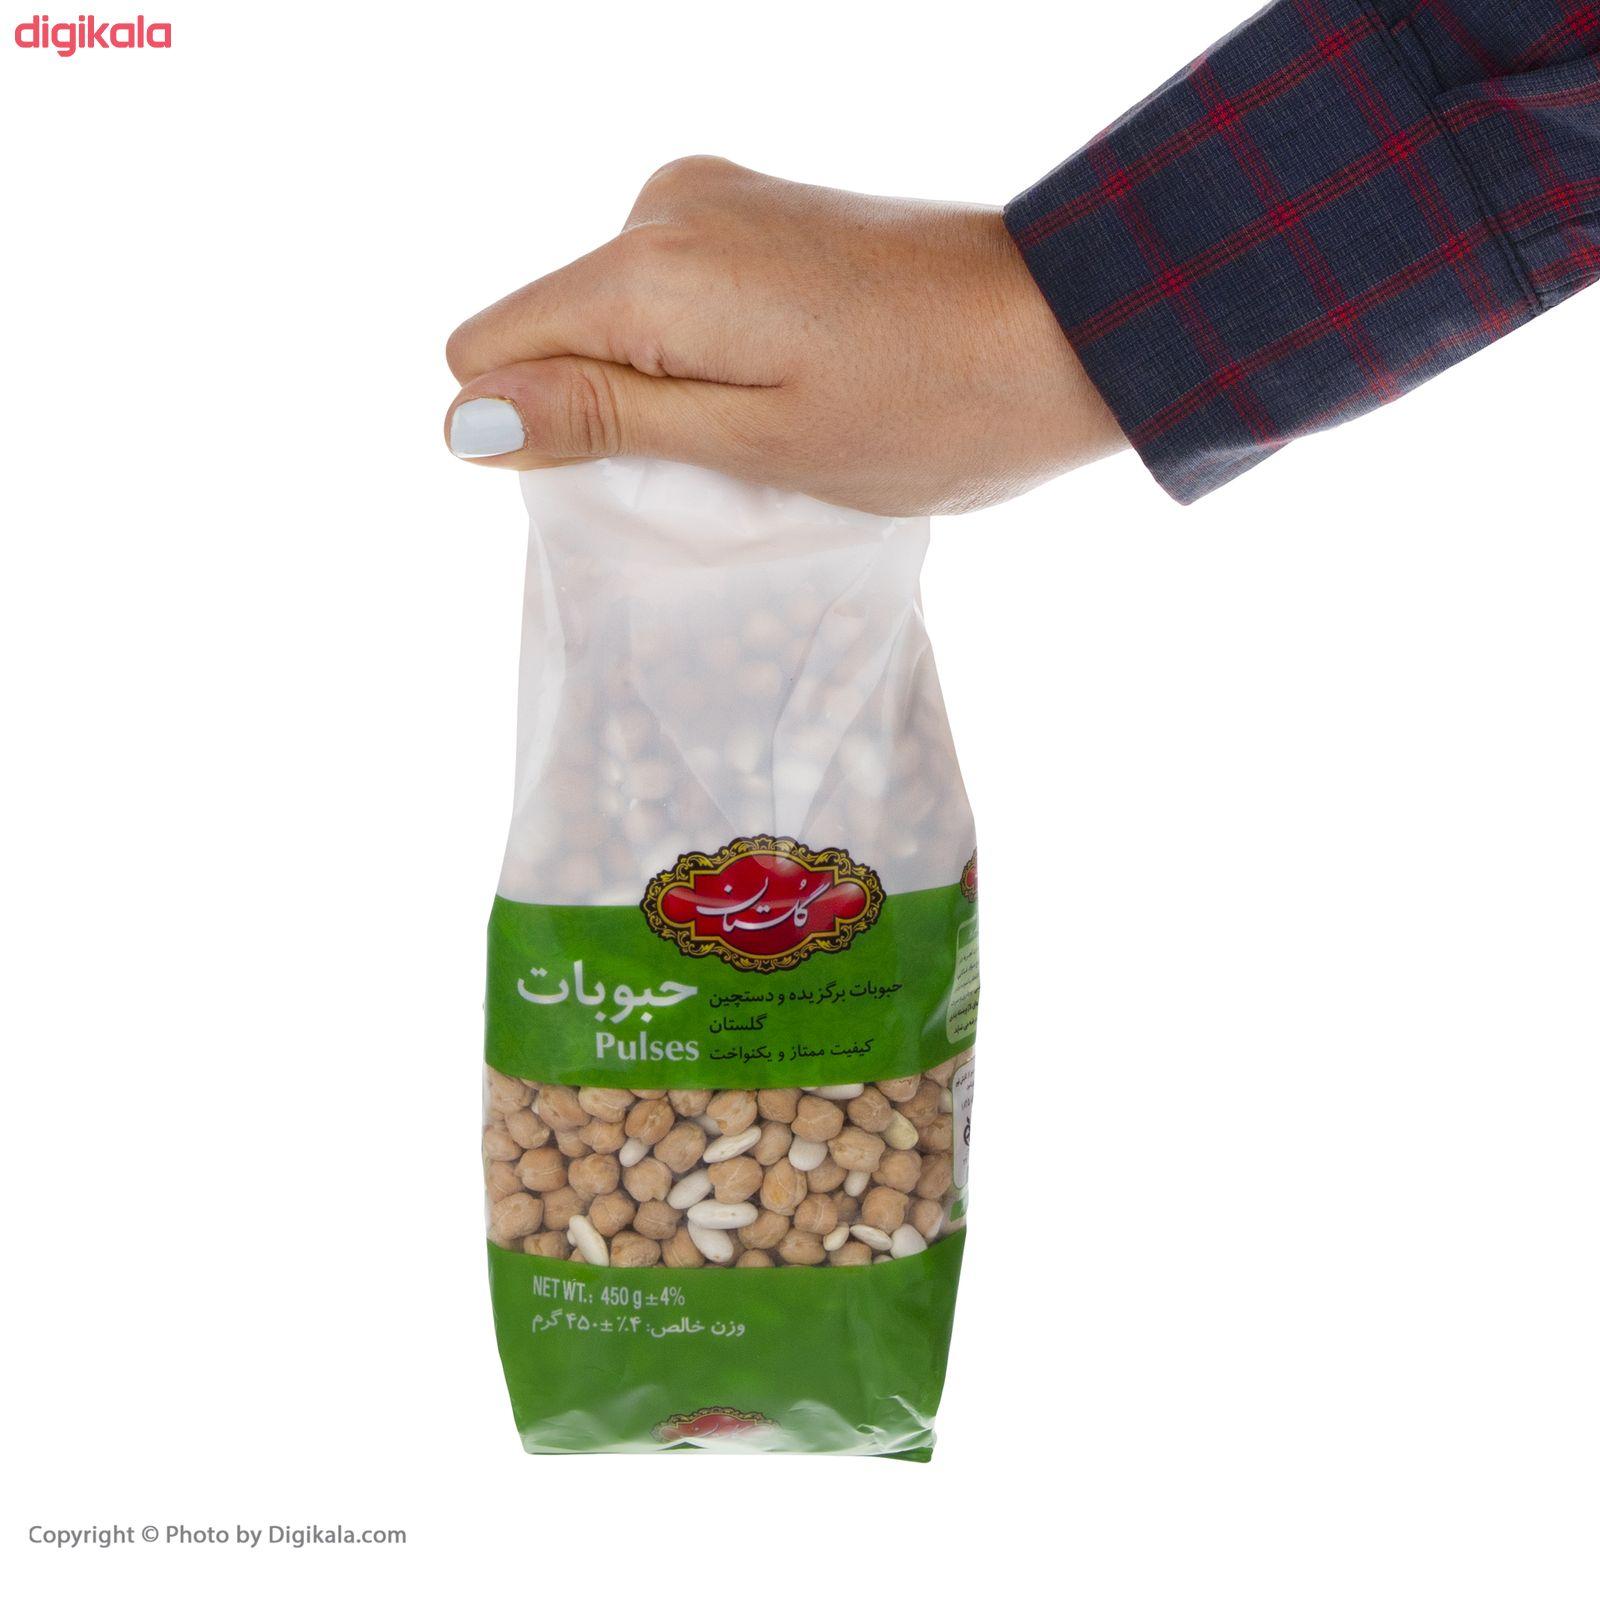 نخود و لوبیا گلستان مقدار  450 گرم main 1 1